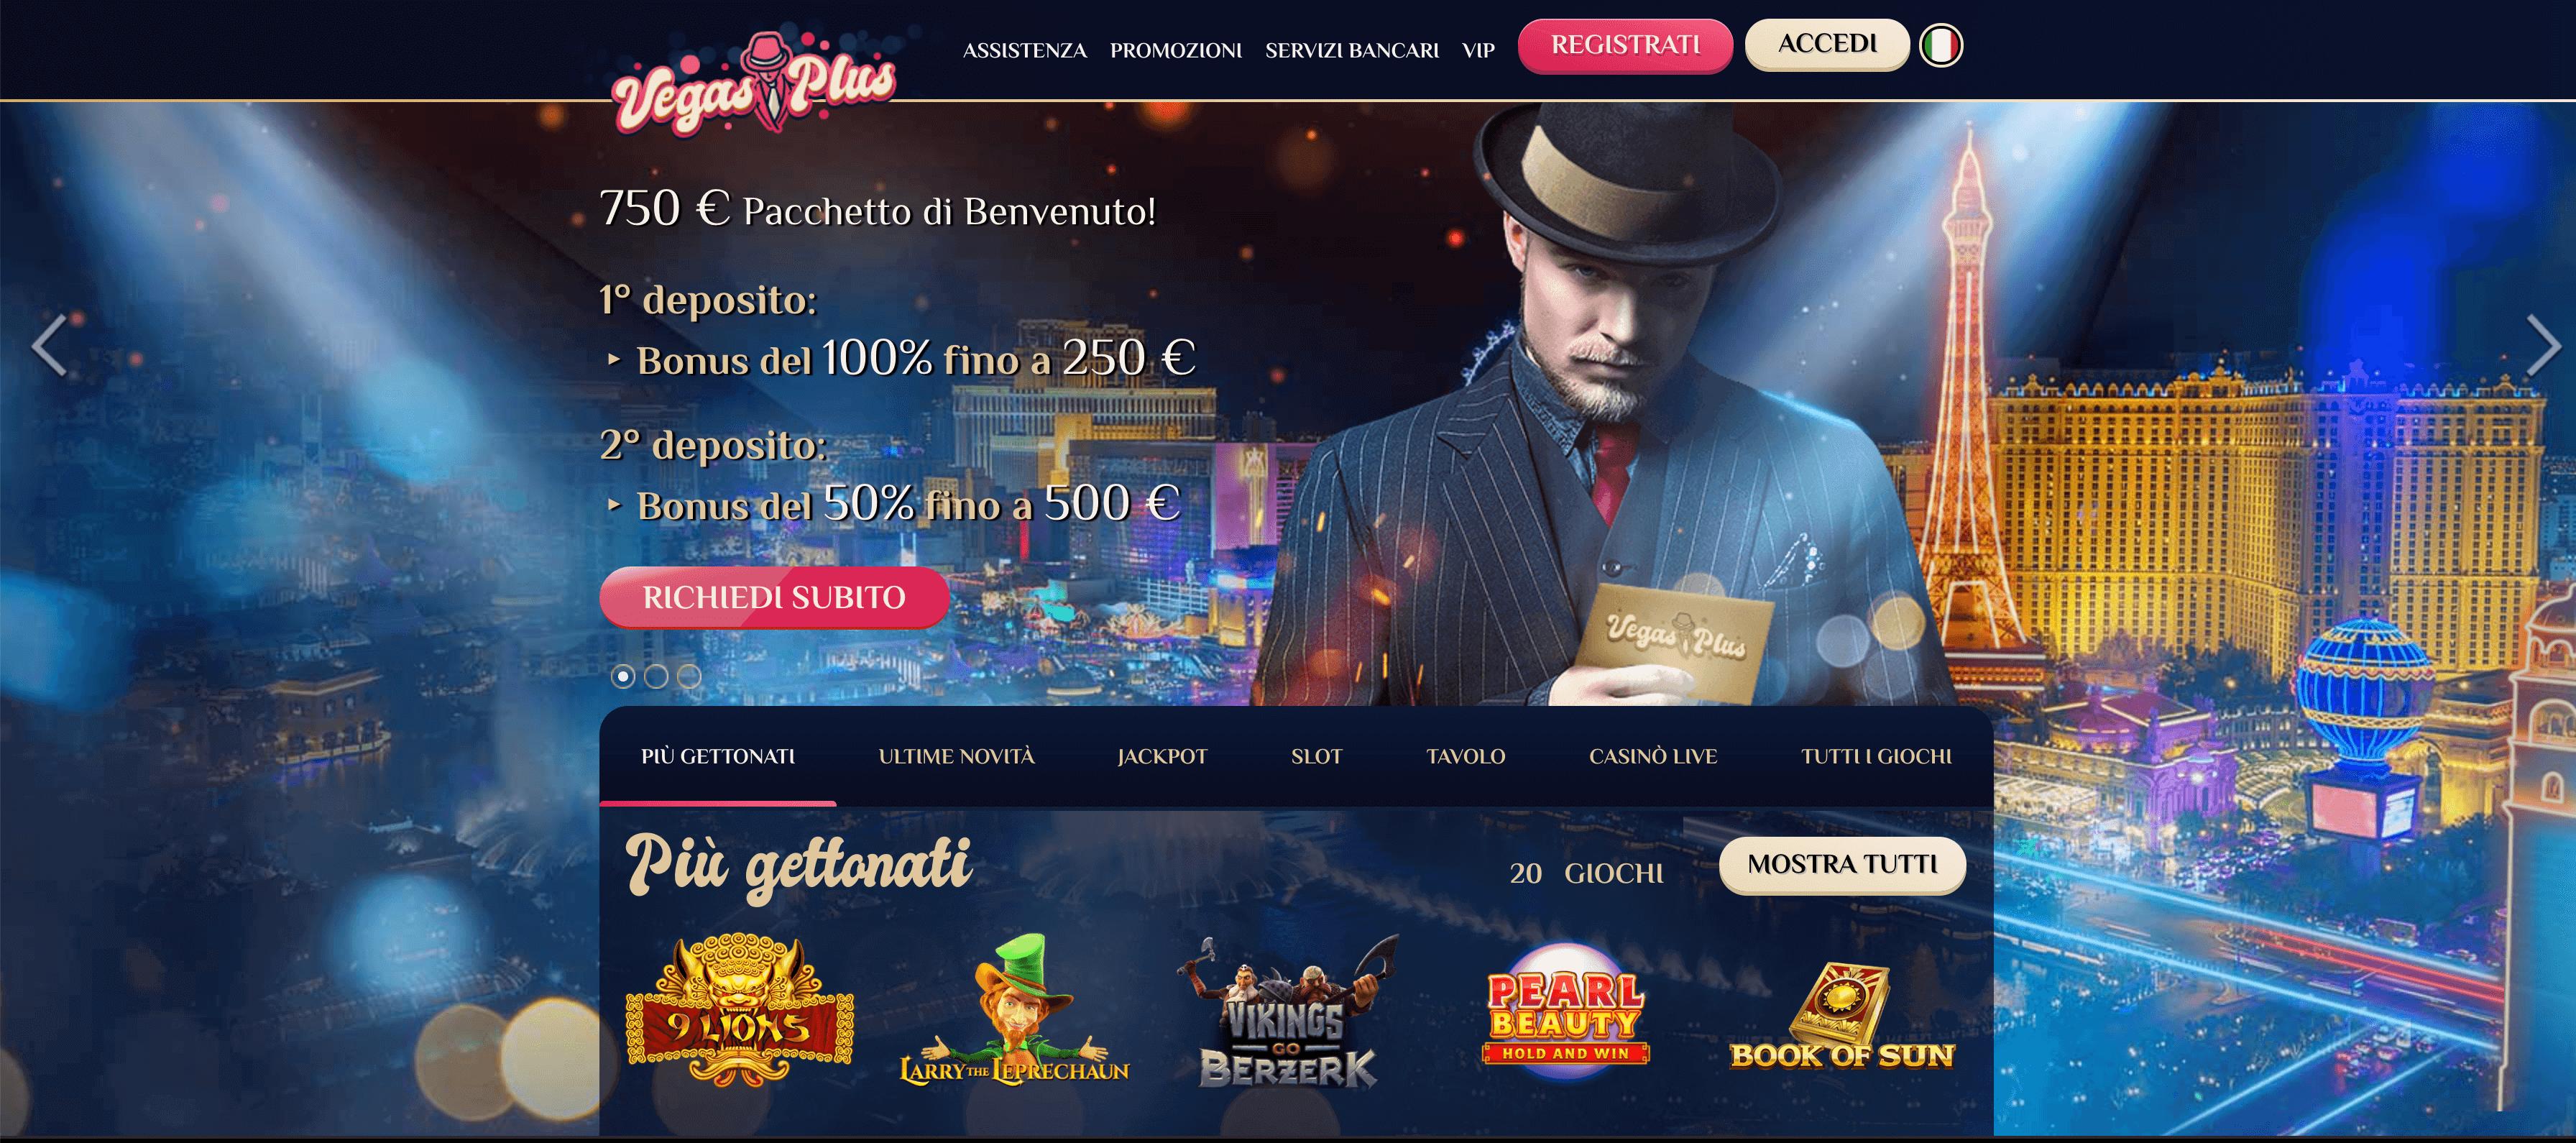 Recensione Vegas Plus Casino, sito online di roulette e slot machine